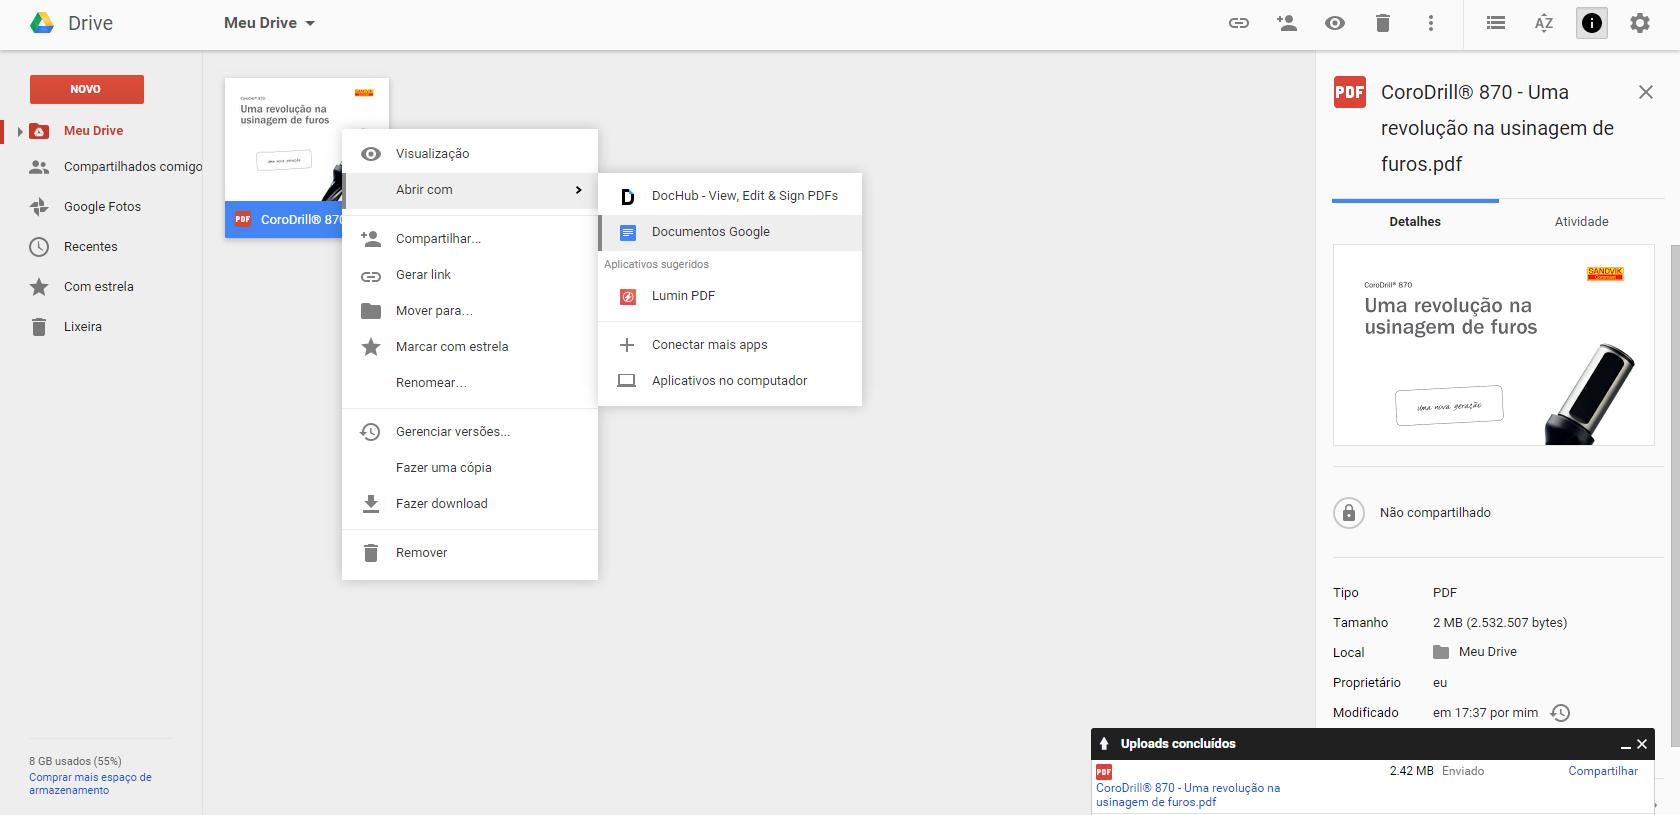 PDF - Google Drive